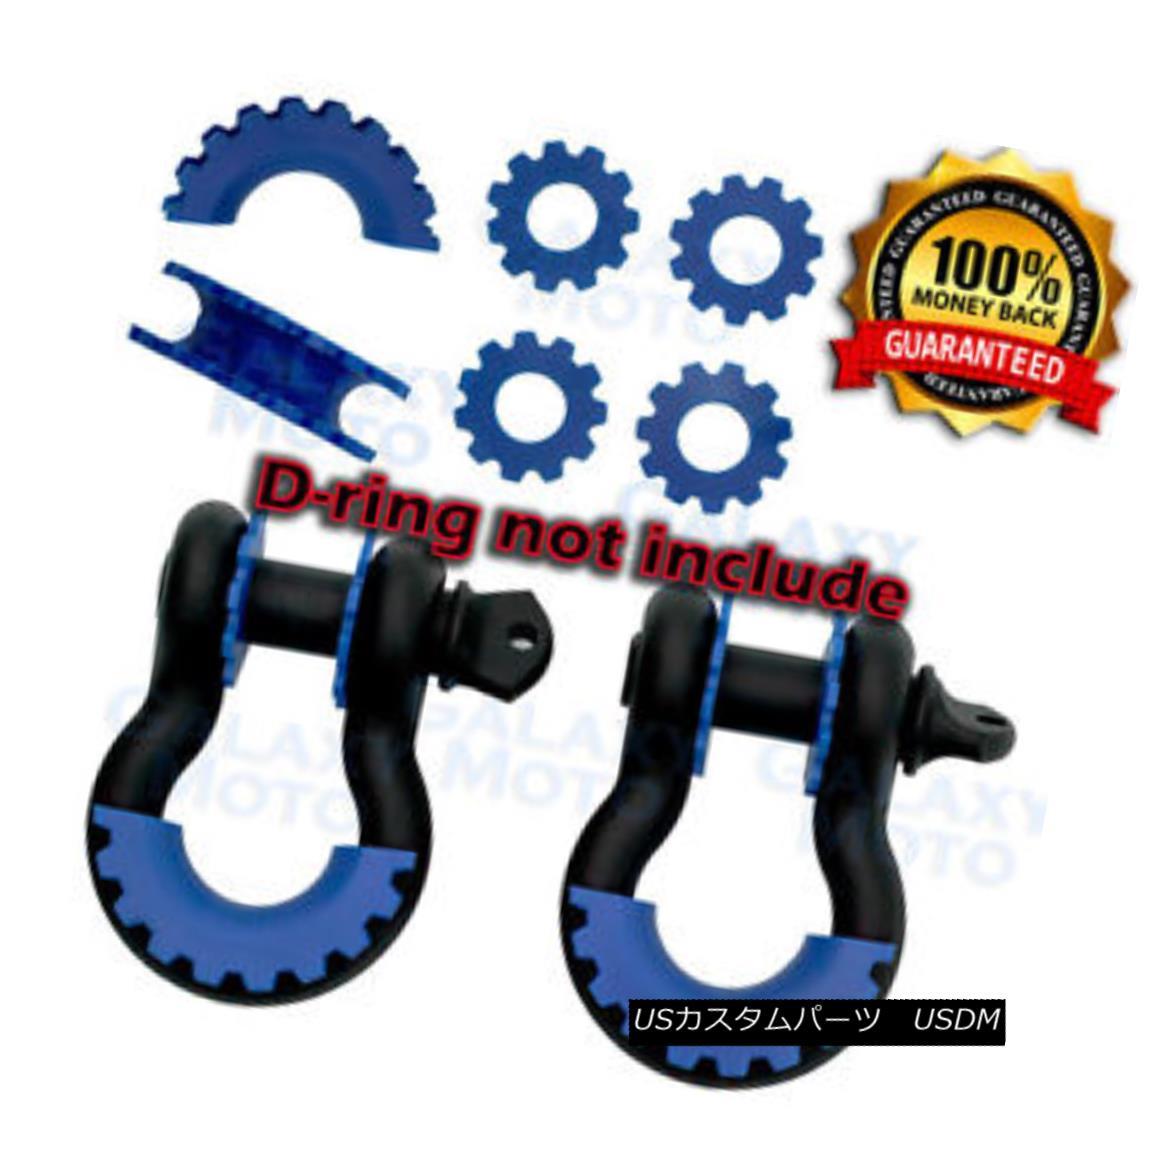 グリル BLUE D-Ring Shackle Isolator & Washers 6pcs Set Rattling Protection Cover Kits BLUE Dリングシャックルアイソレータ& ワッシャー6個セット防護カバーキット